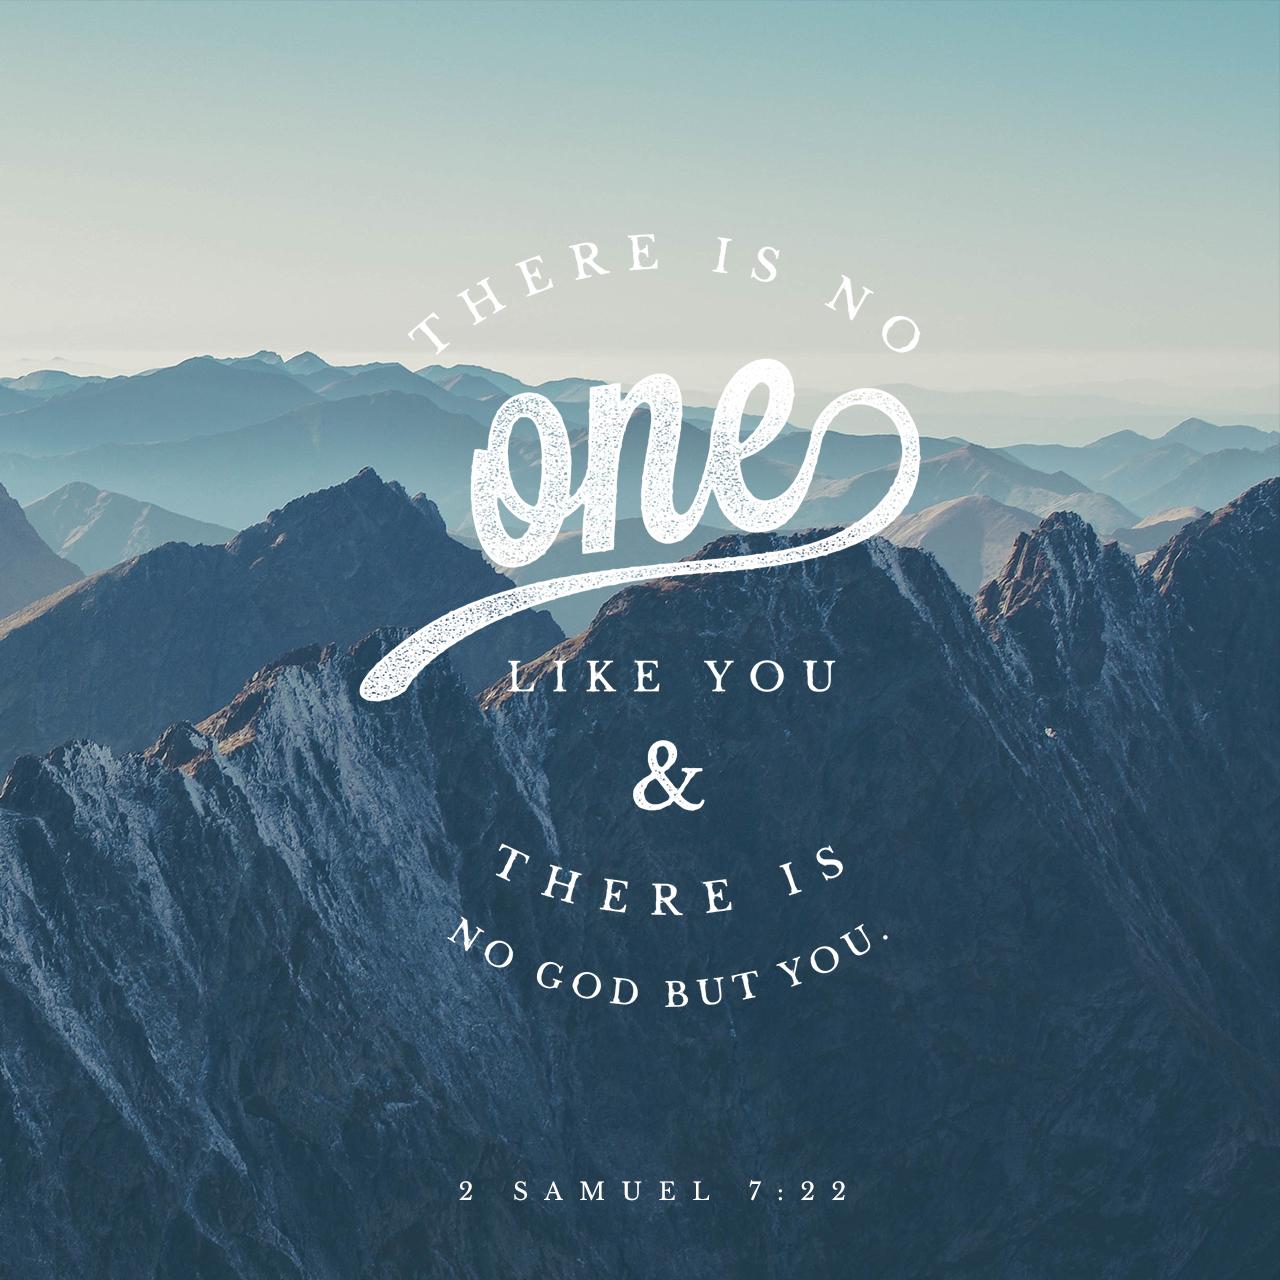 2 Samuel 7:22 (JPG)